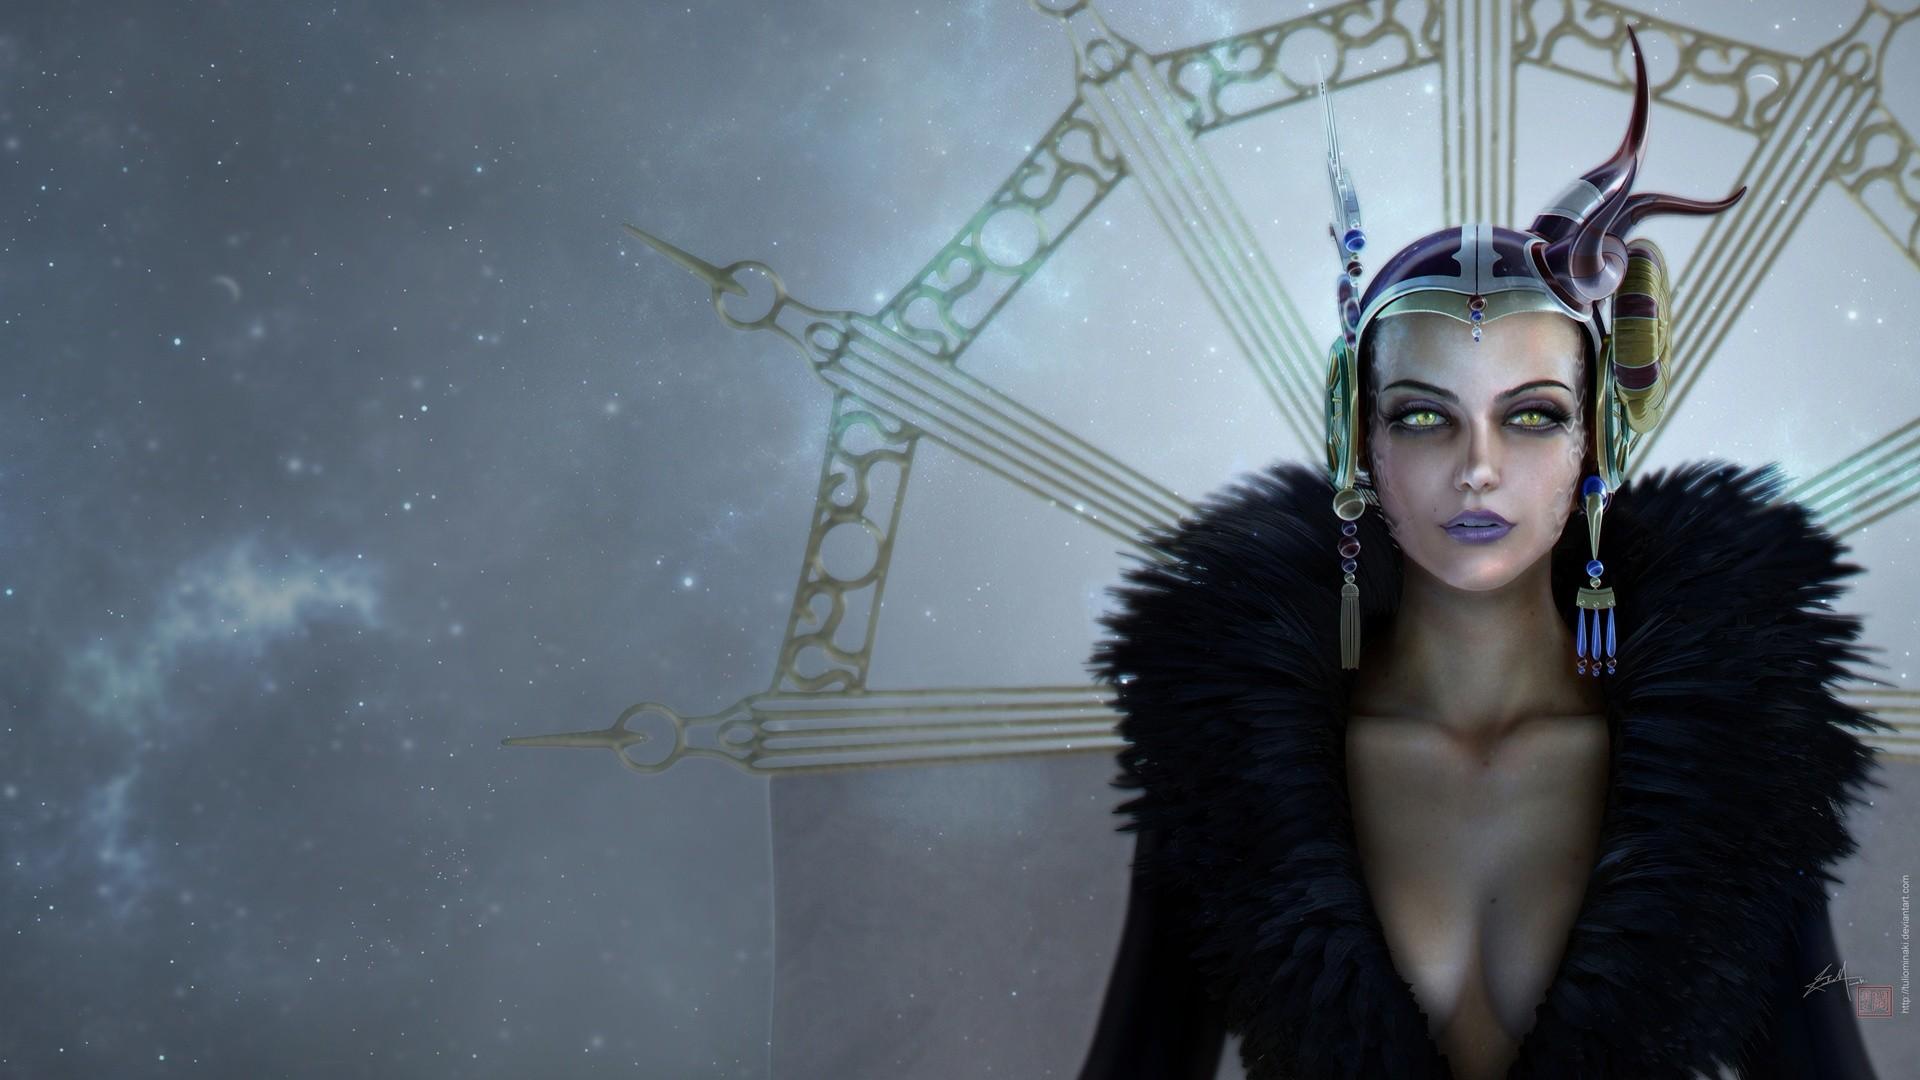 Final Fantasy VIII – Edea Kramer Wallpaper